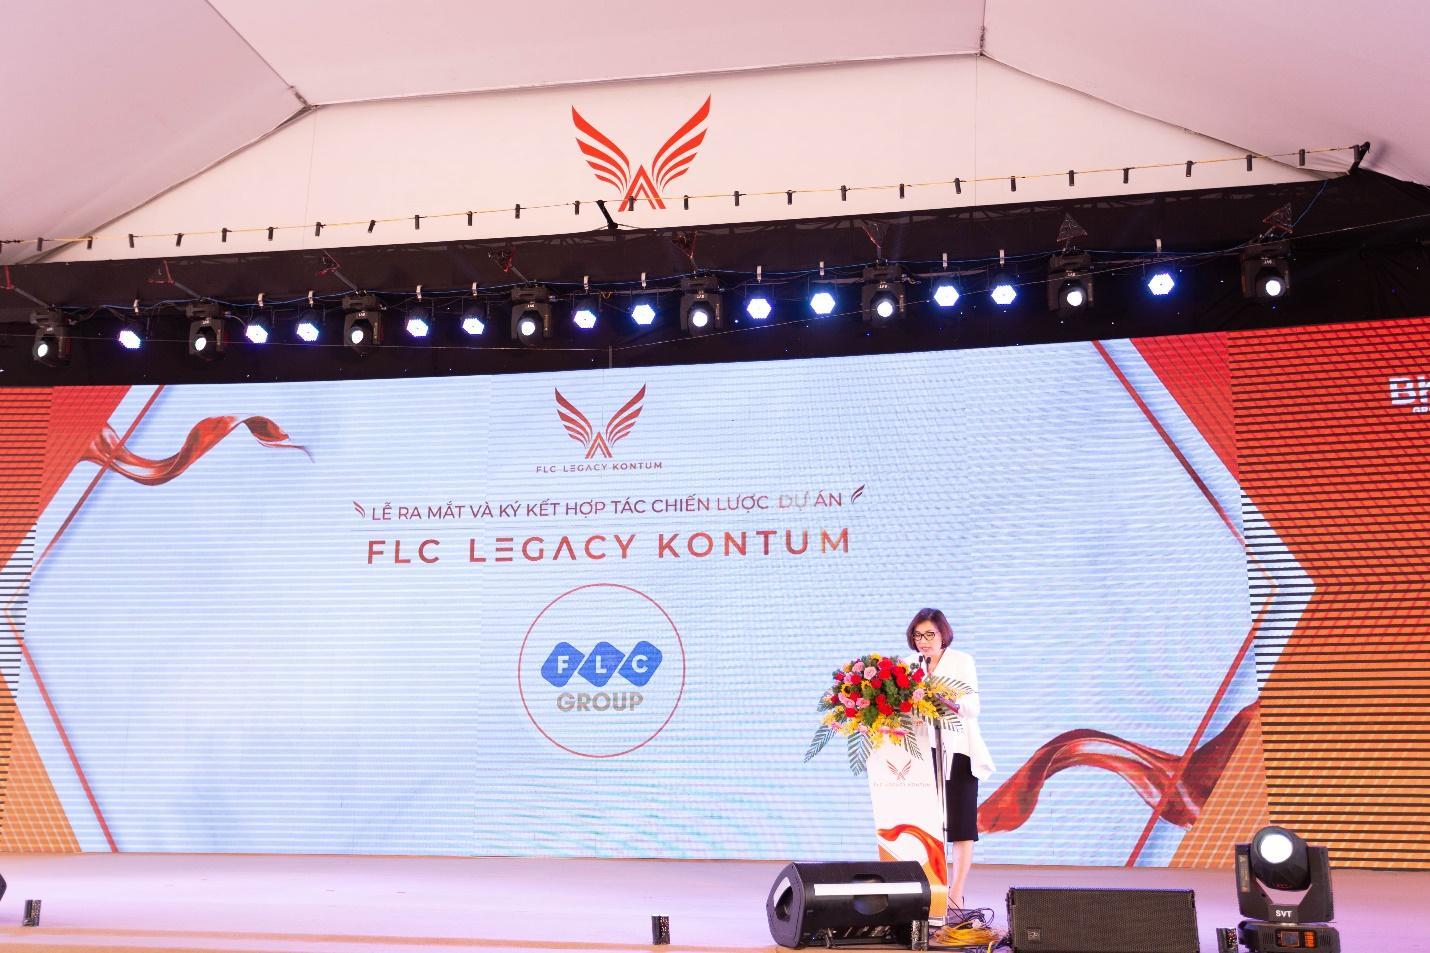 Sự kiện ra mắt FLC Legacy Kontum: Hút hàng ngàn khách hàng từ mọi miền đất nước - Ảnh 3